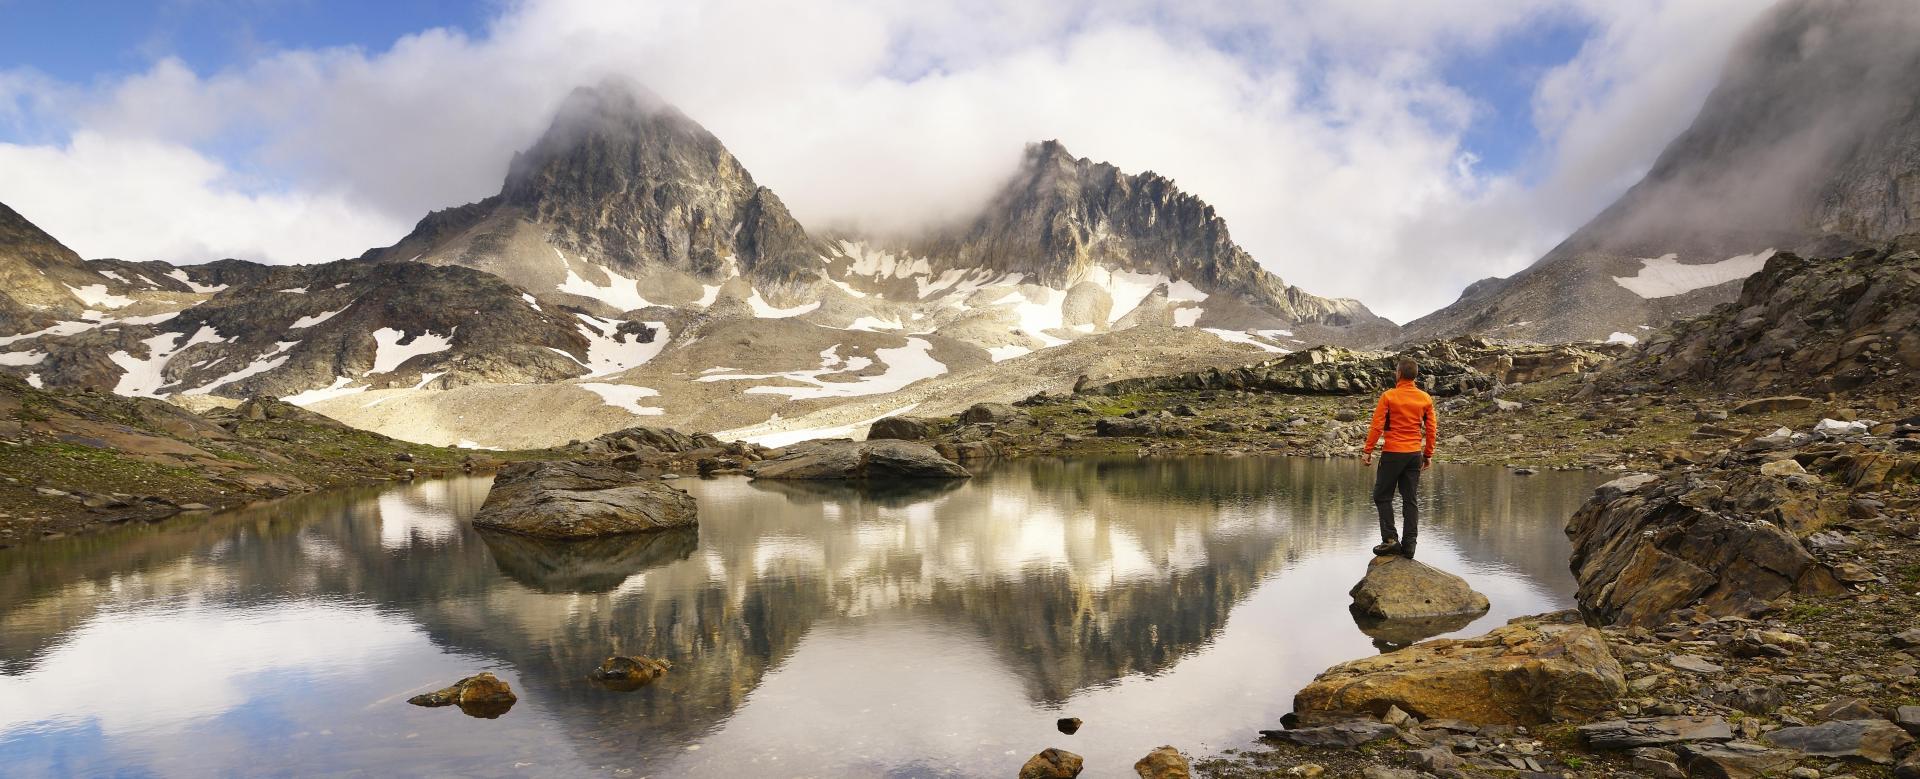 Voyage à pied : Névache, vallée etroite et mont thabor